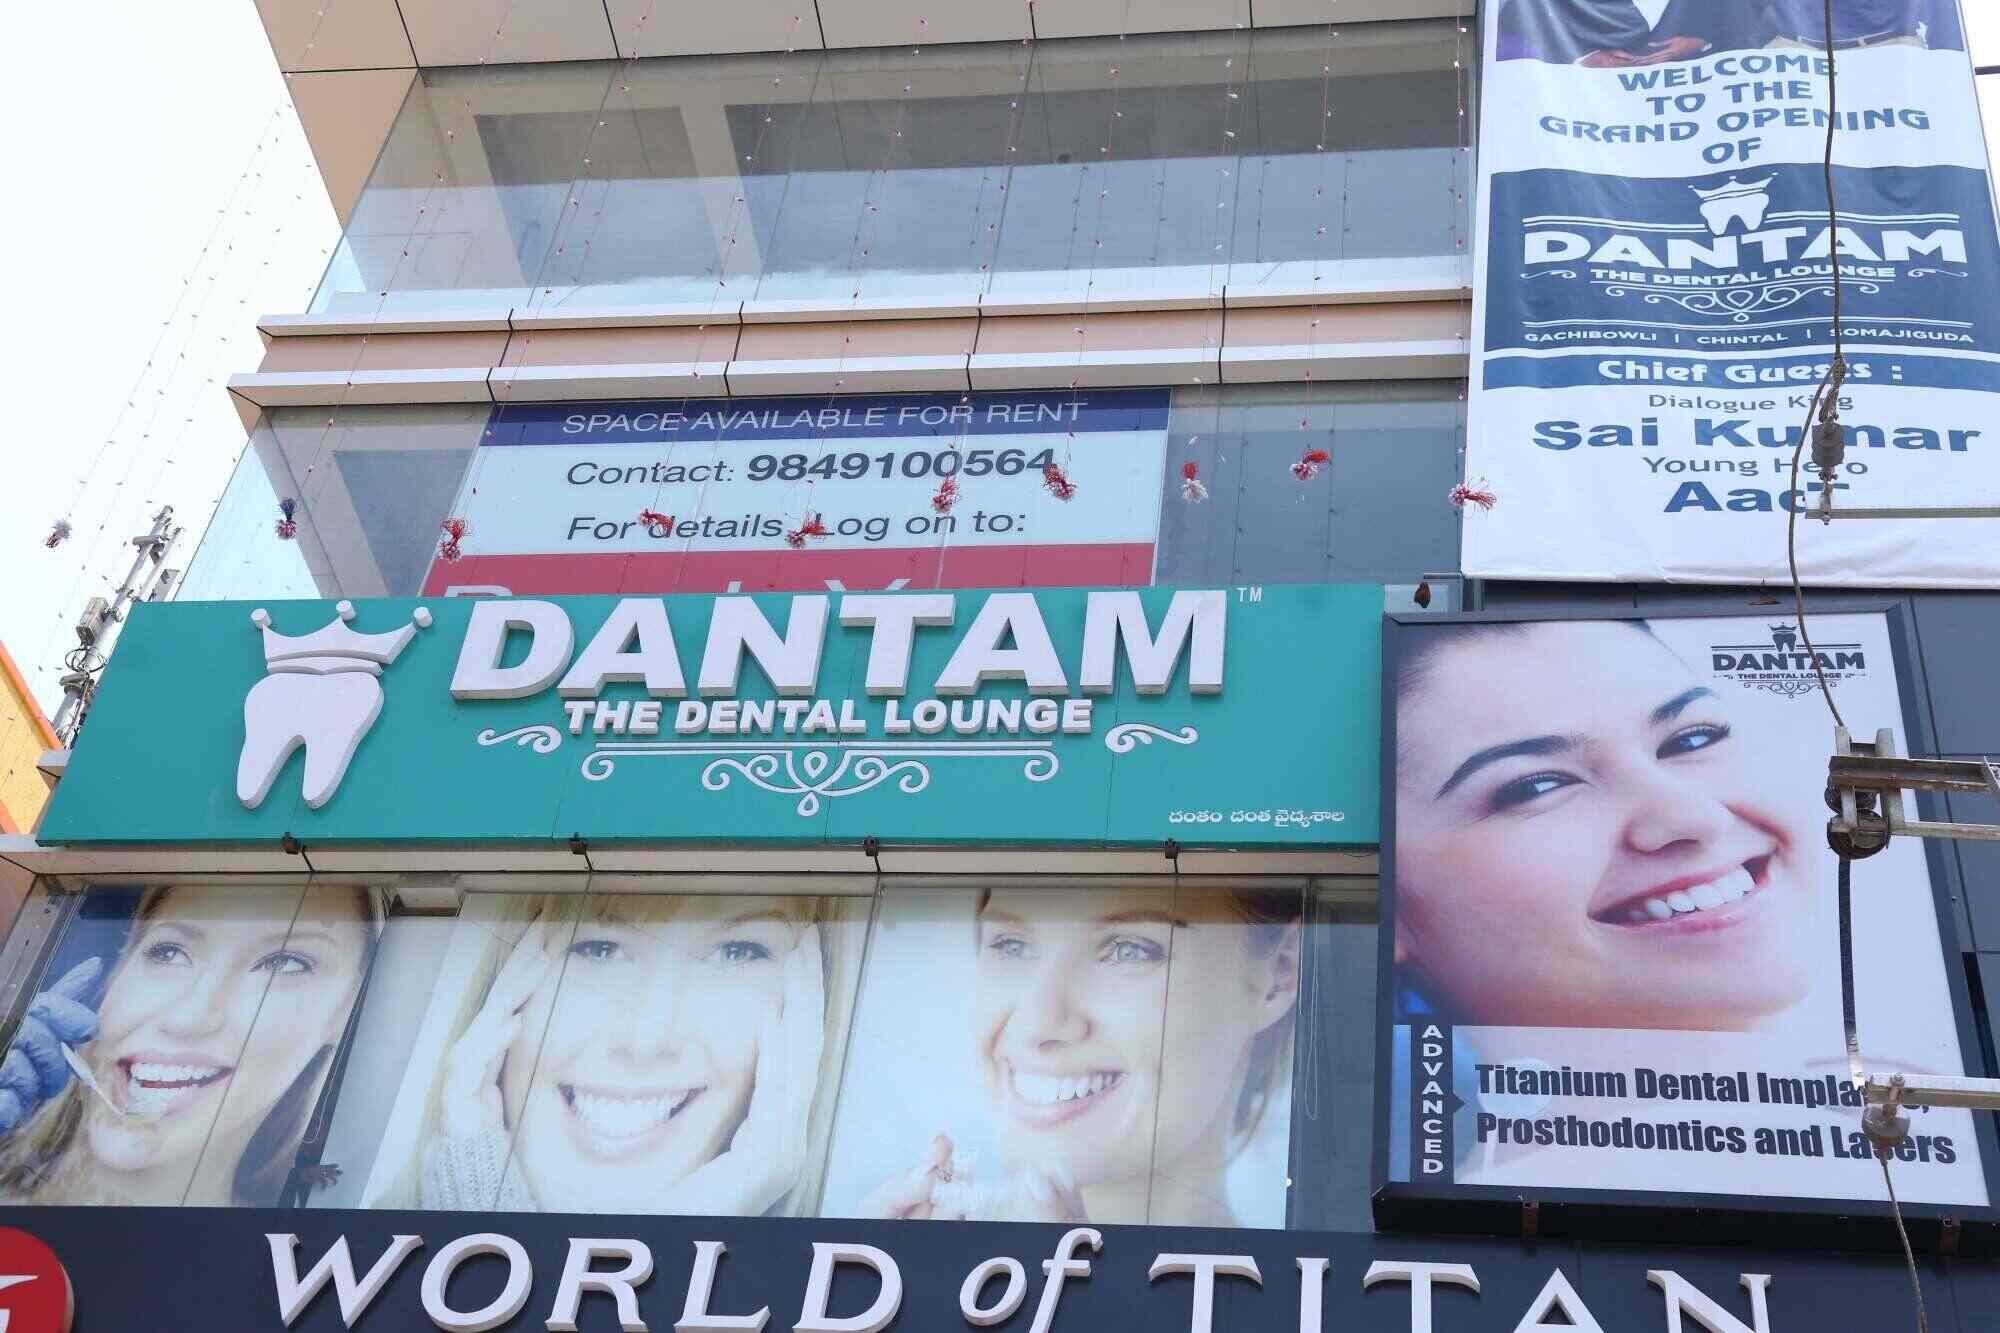 Dantam